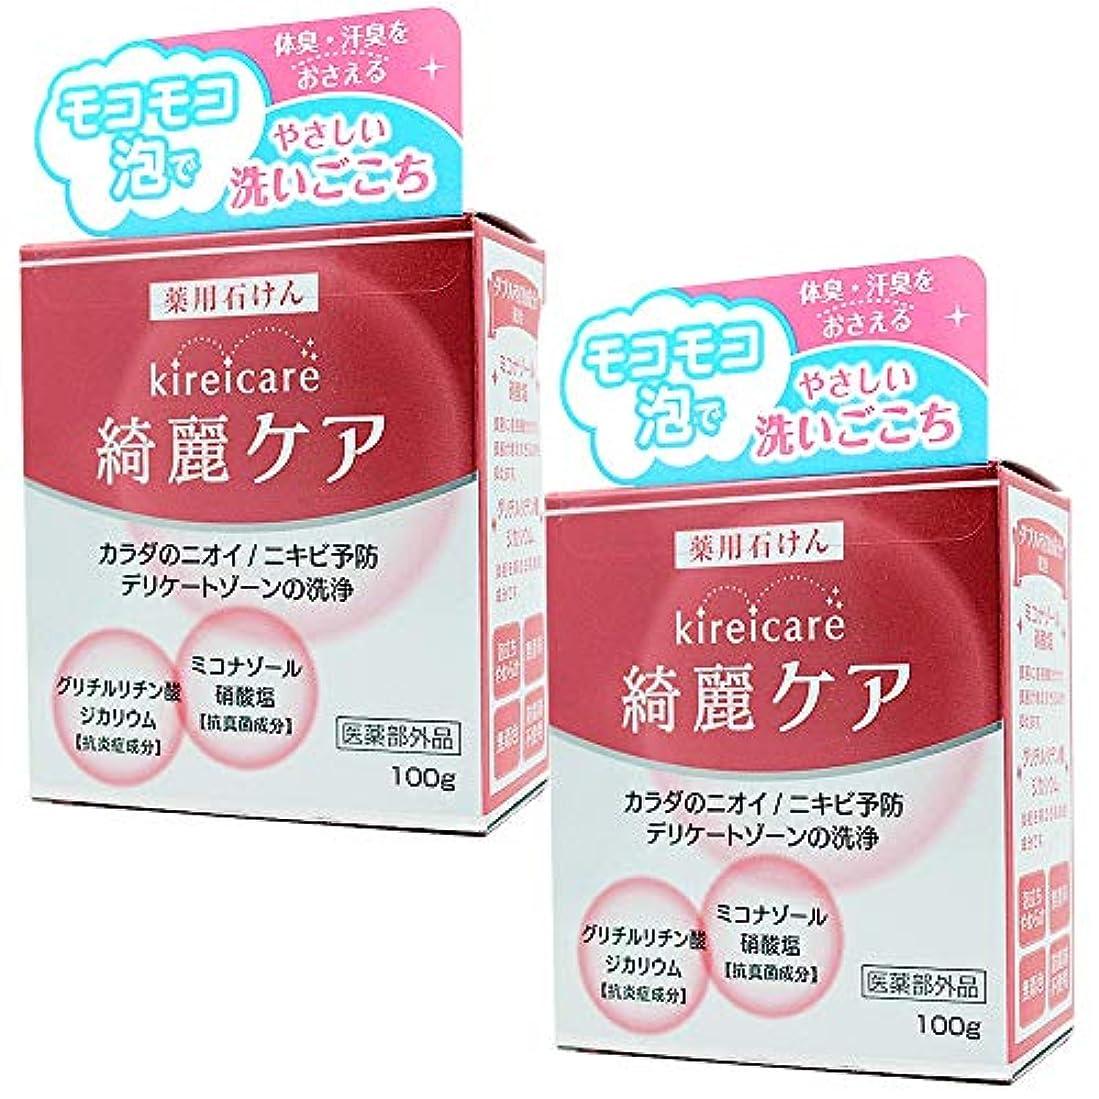 修正借りている電子白金製薬 ミコナゾール 綺麗ケア 薬用石けん 100g [医薬部外品] 2個セット